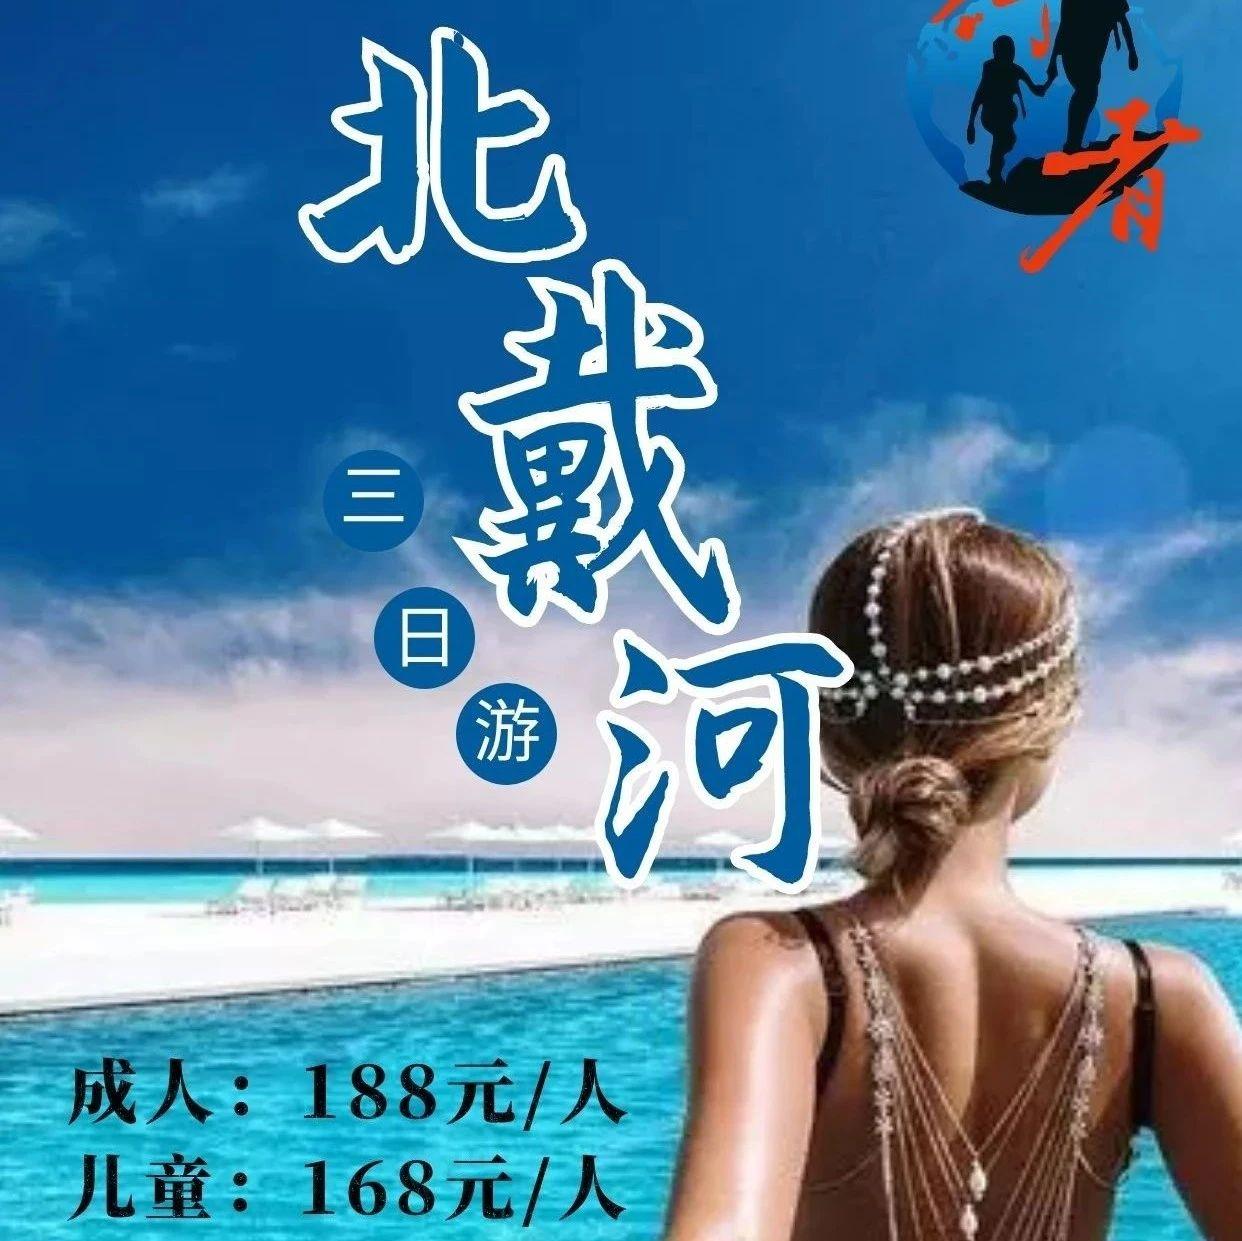 限时抢丨北戴河/山海关/黄金海岸双汽3日游188元